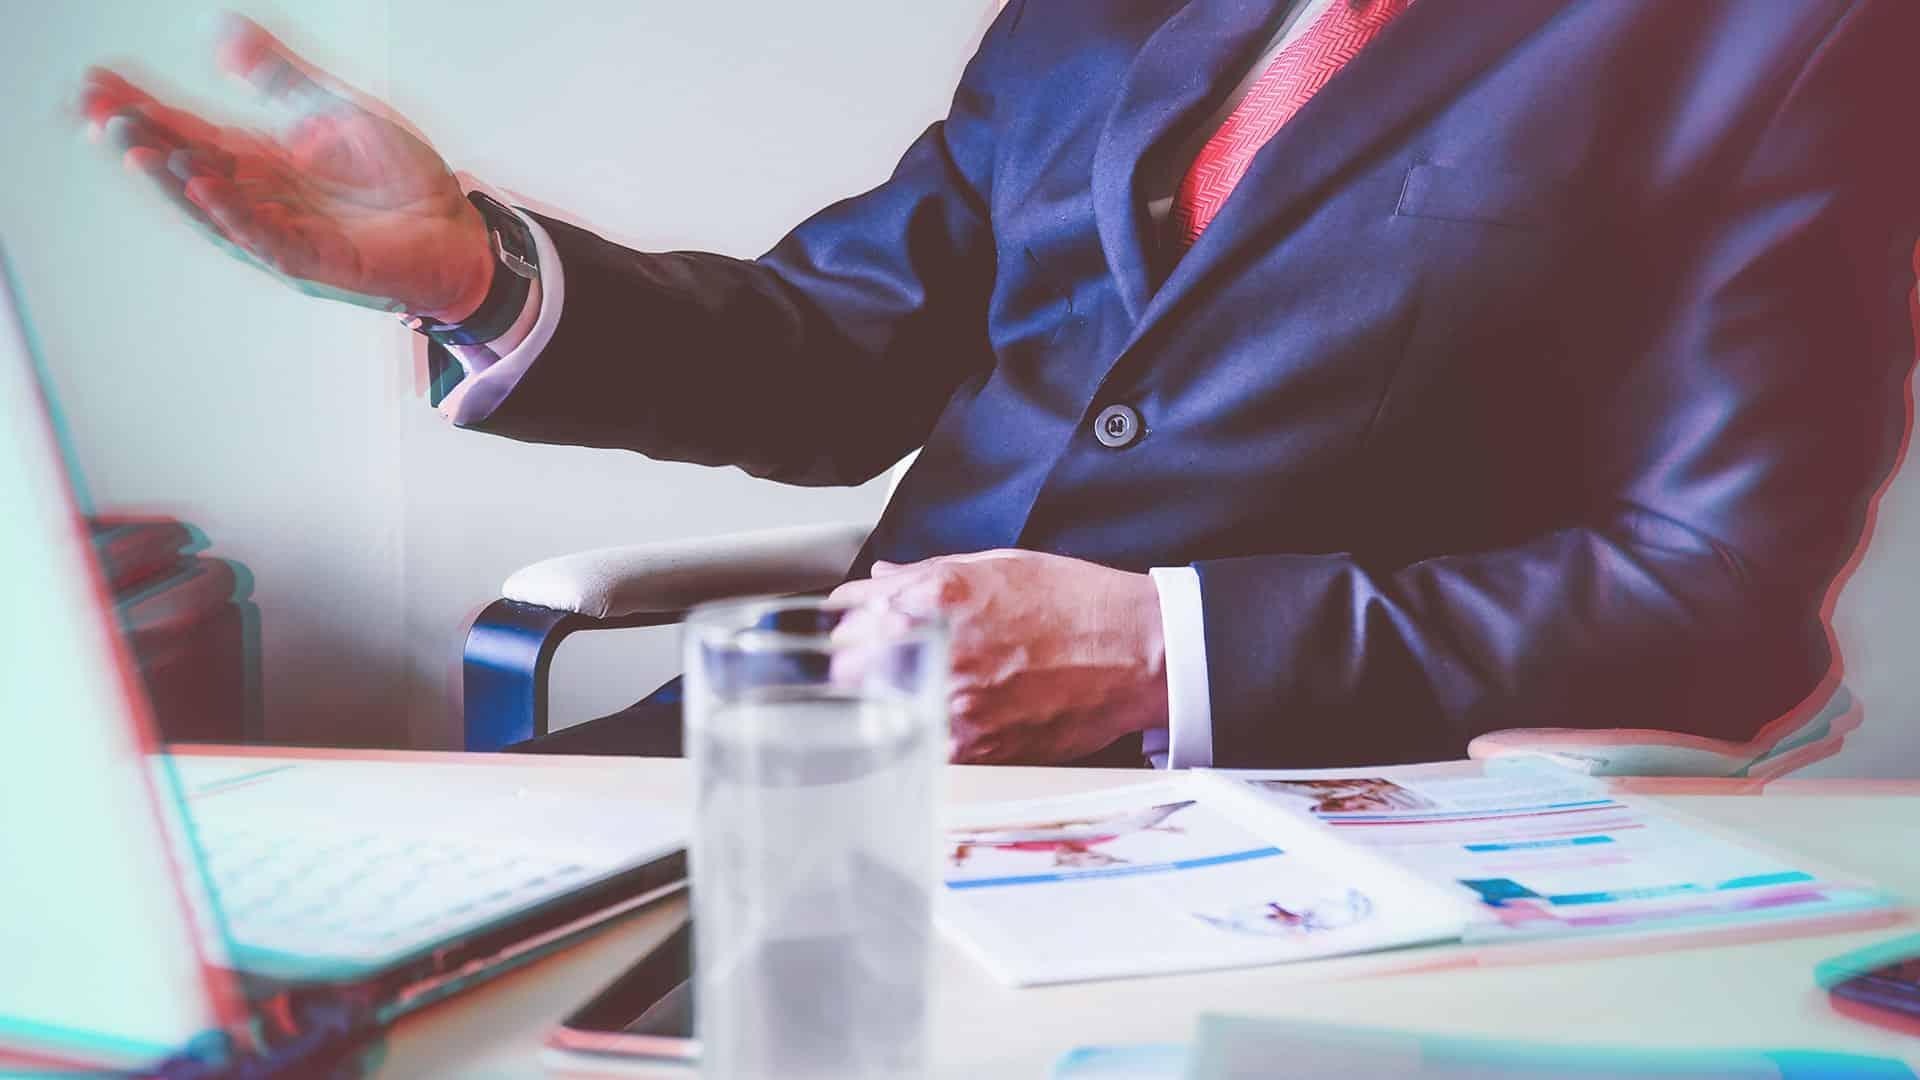 buste d'une personne assis sur un bureau levant la main gauche avec un verre et des feuilles sur le bureaux